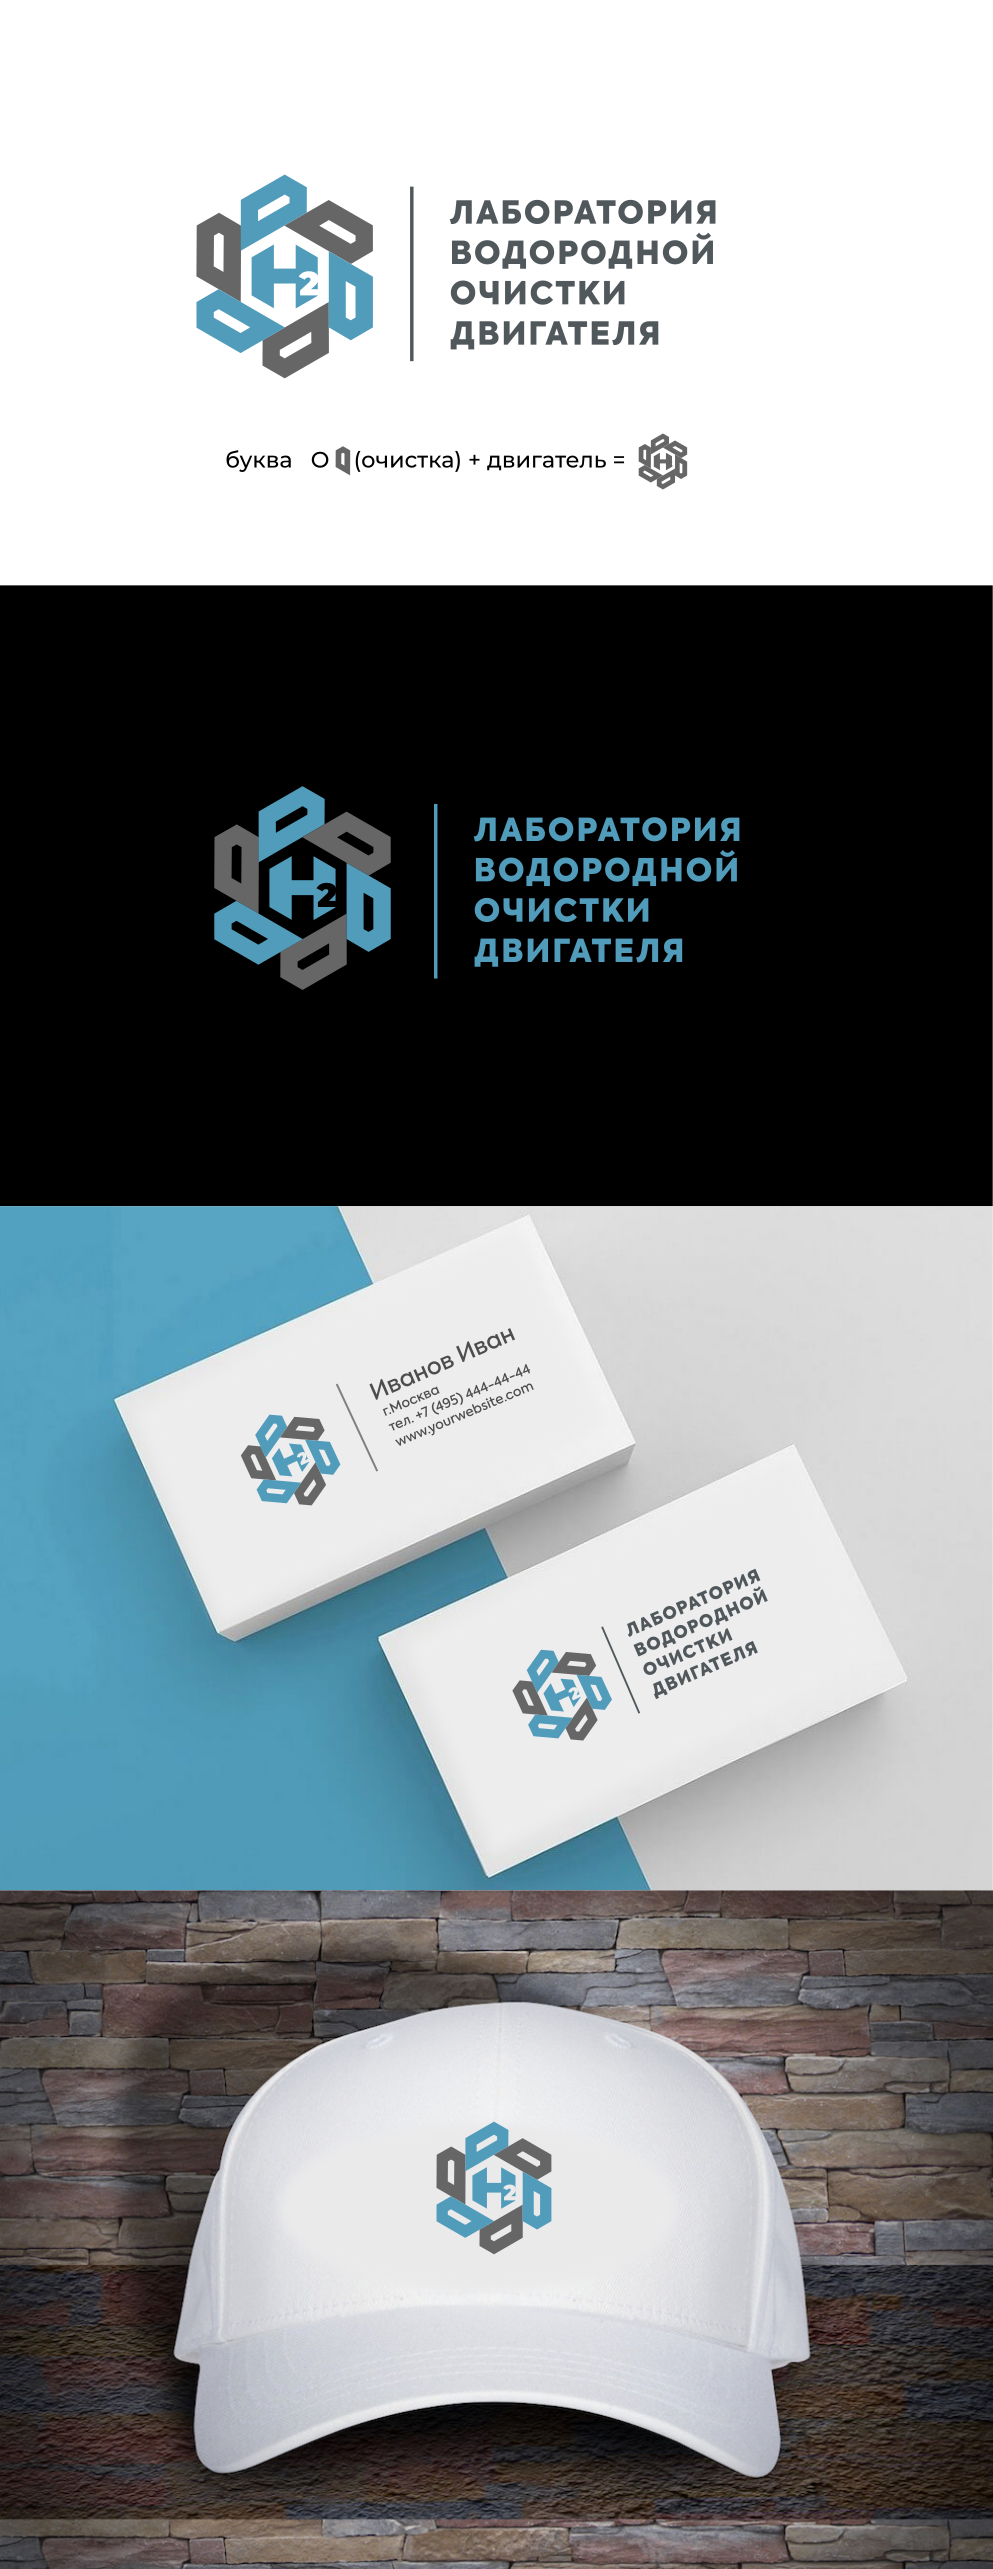 """Разработка фирменного стиля для """"Лаборатории водородной очис фото f_4165dda681d057ef.png"""